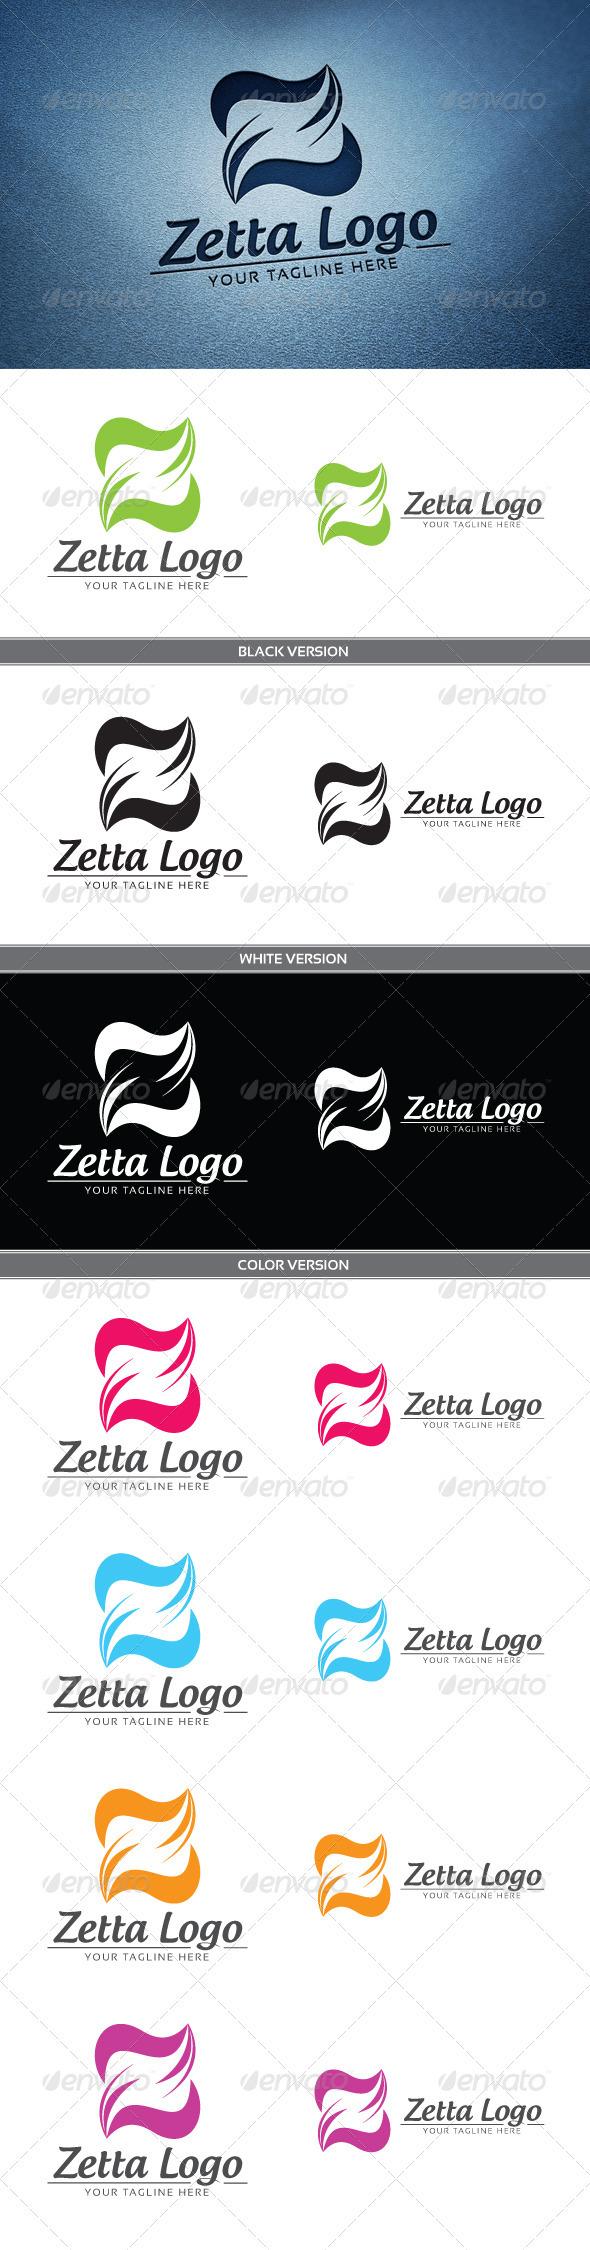 GraphicRiver Zeta Logo 3795268